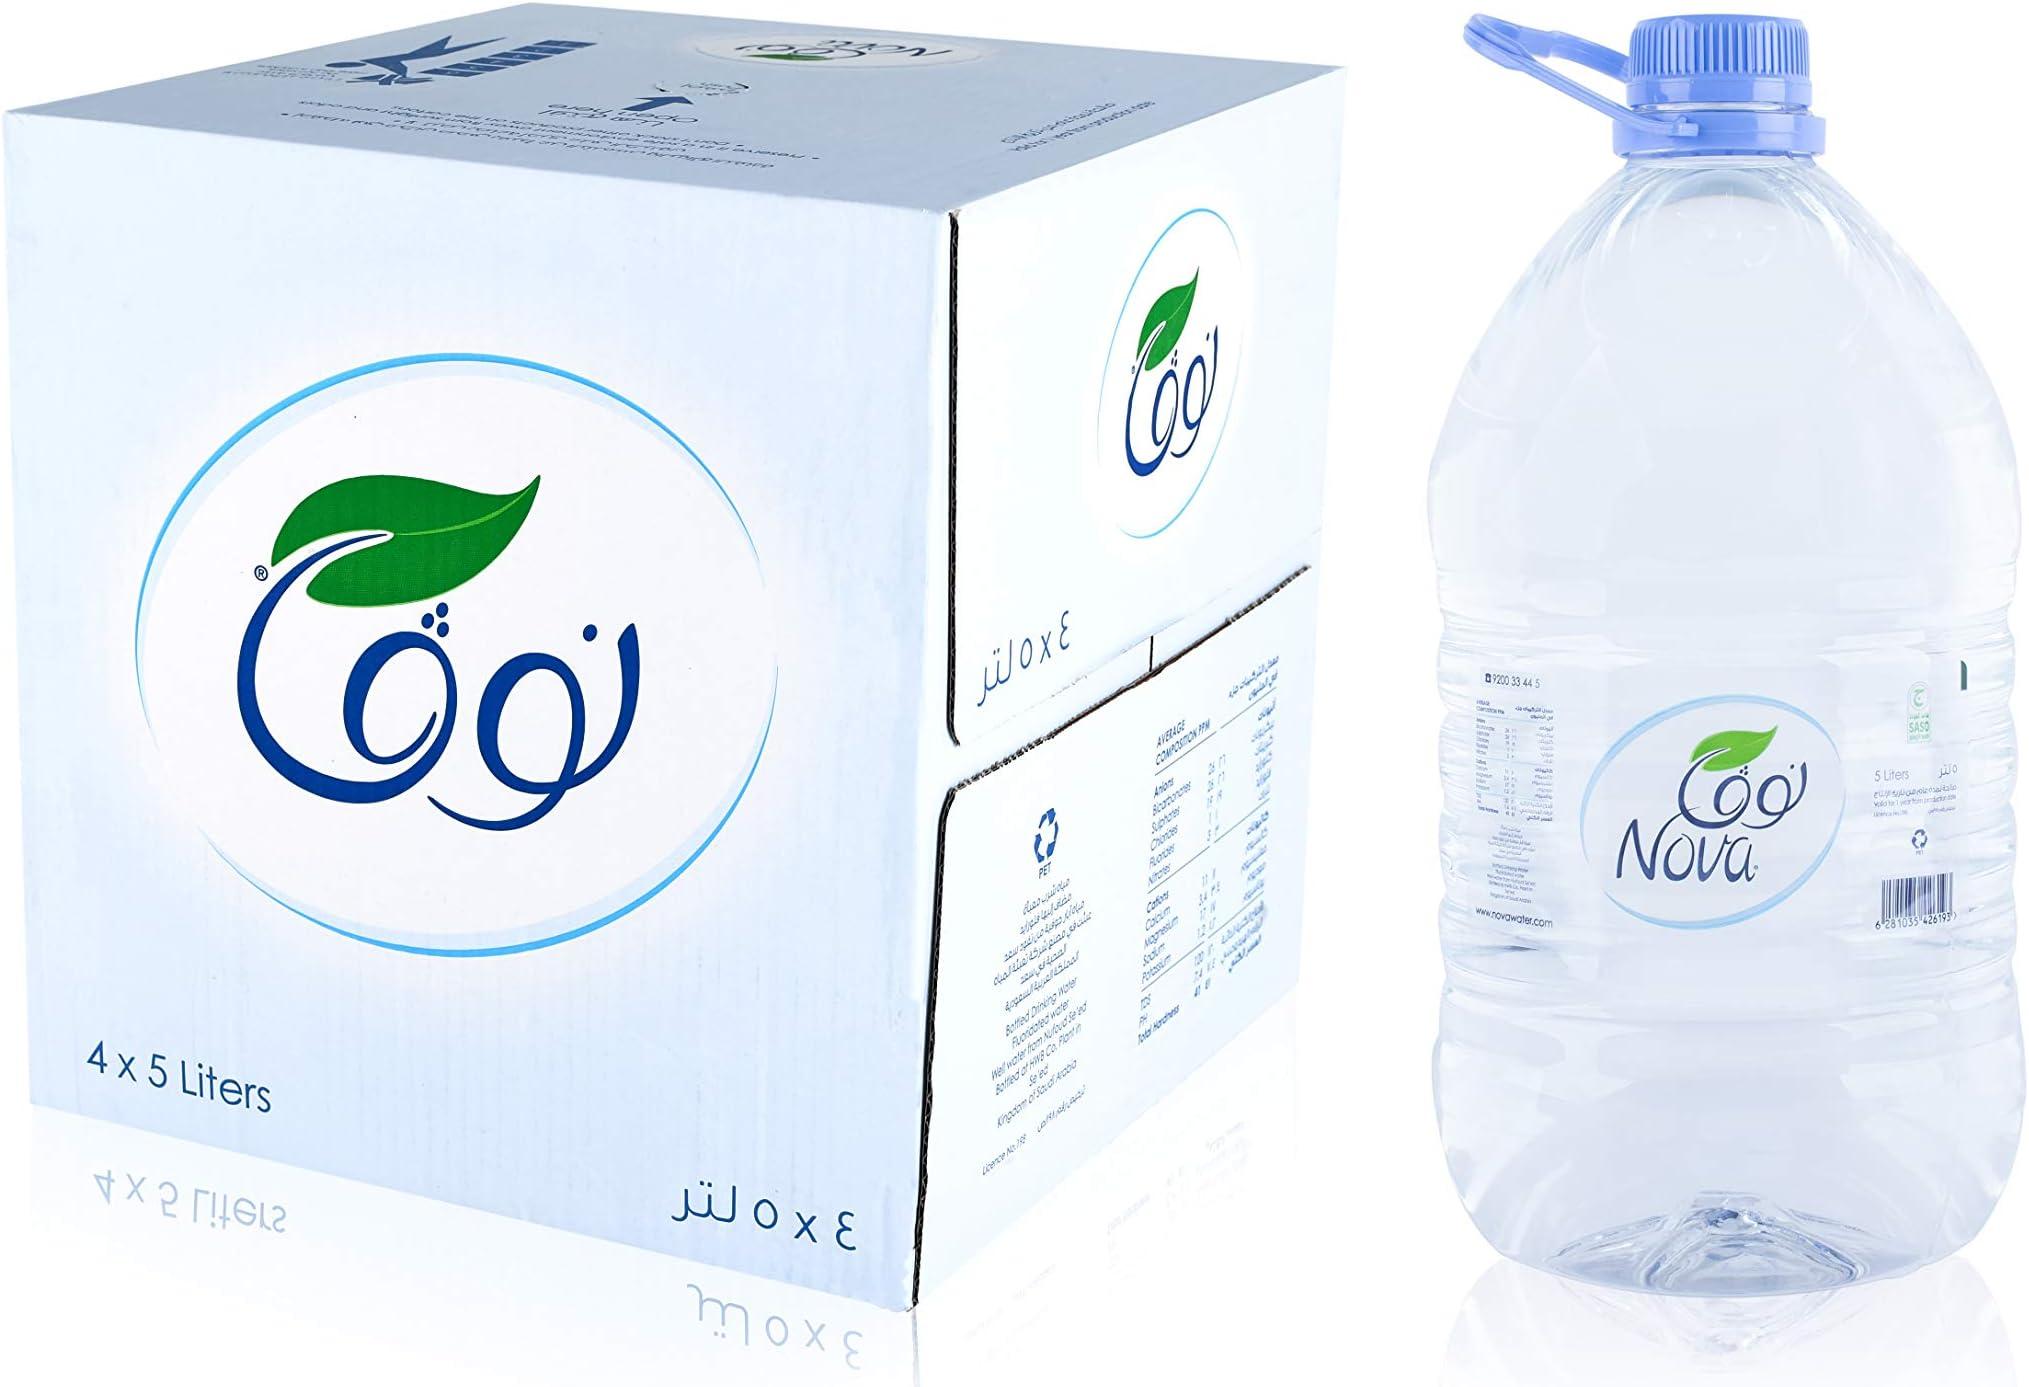 سعر نوفا مياه معدنية معبأة 4 5 لتر فى السعودية بواسطة امازون السعودية كان بكام